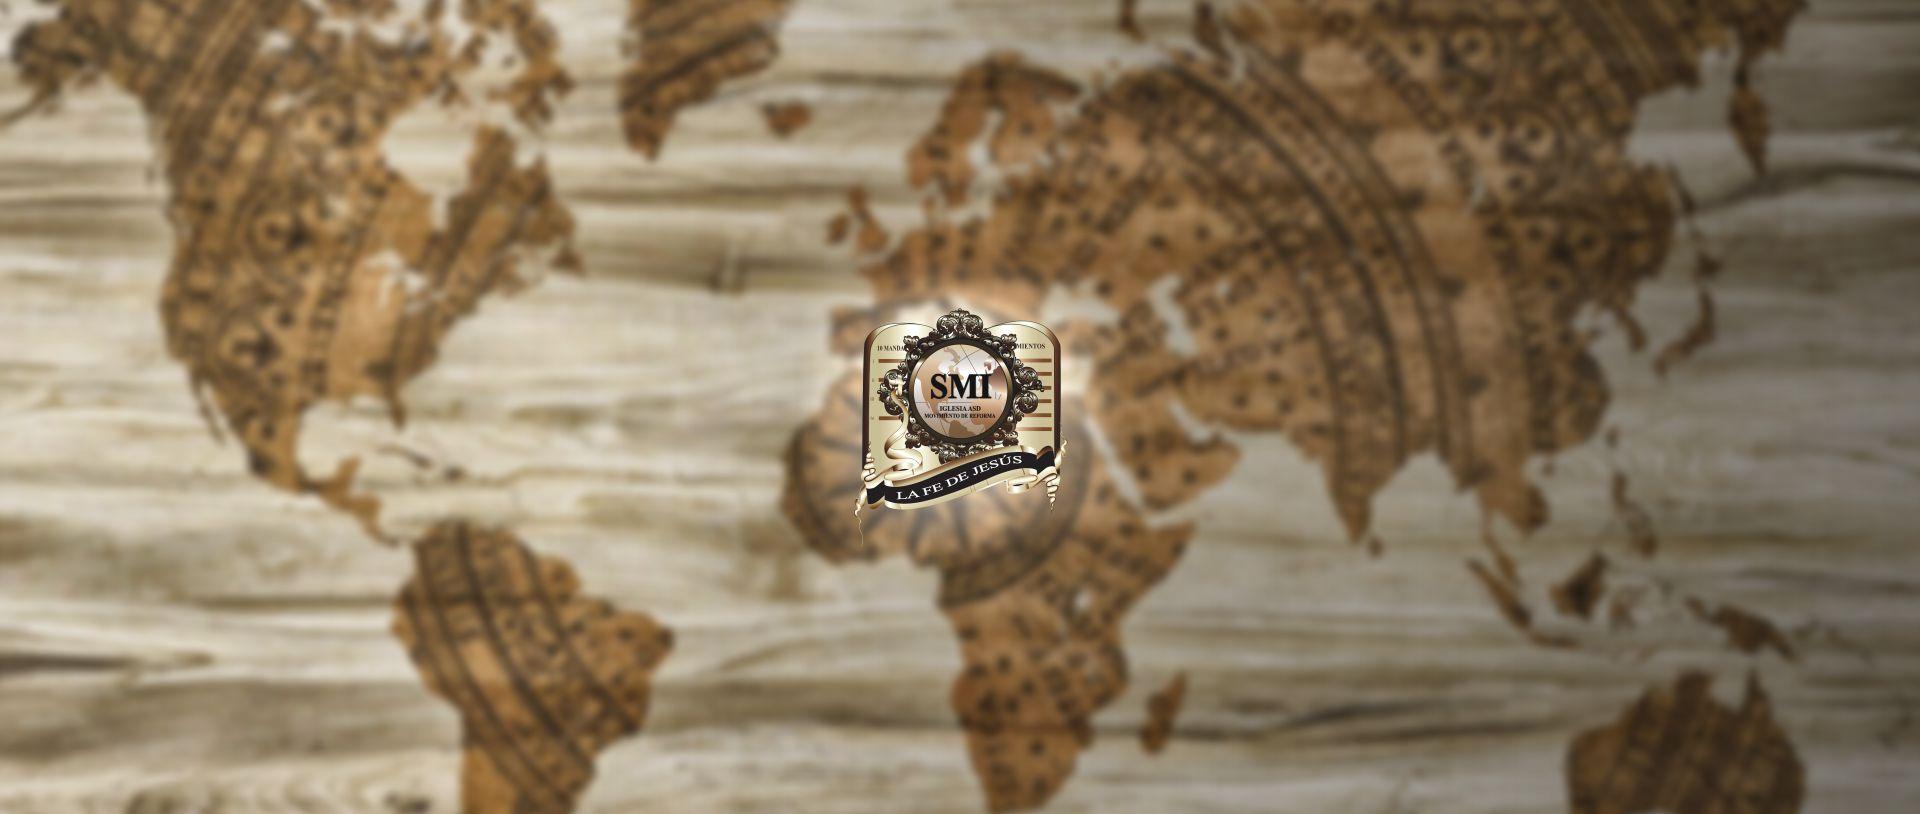 Sociedad Misionera Internacional